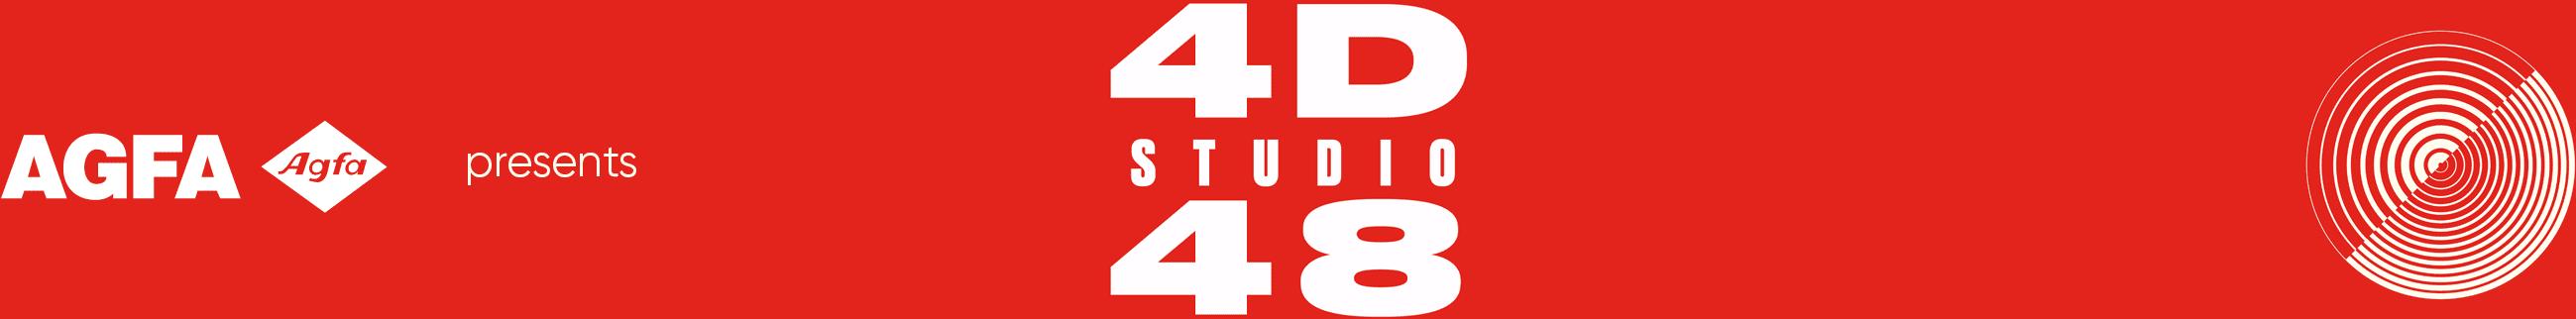 Agfa presents Studio 4D48